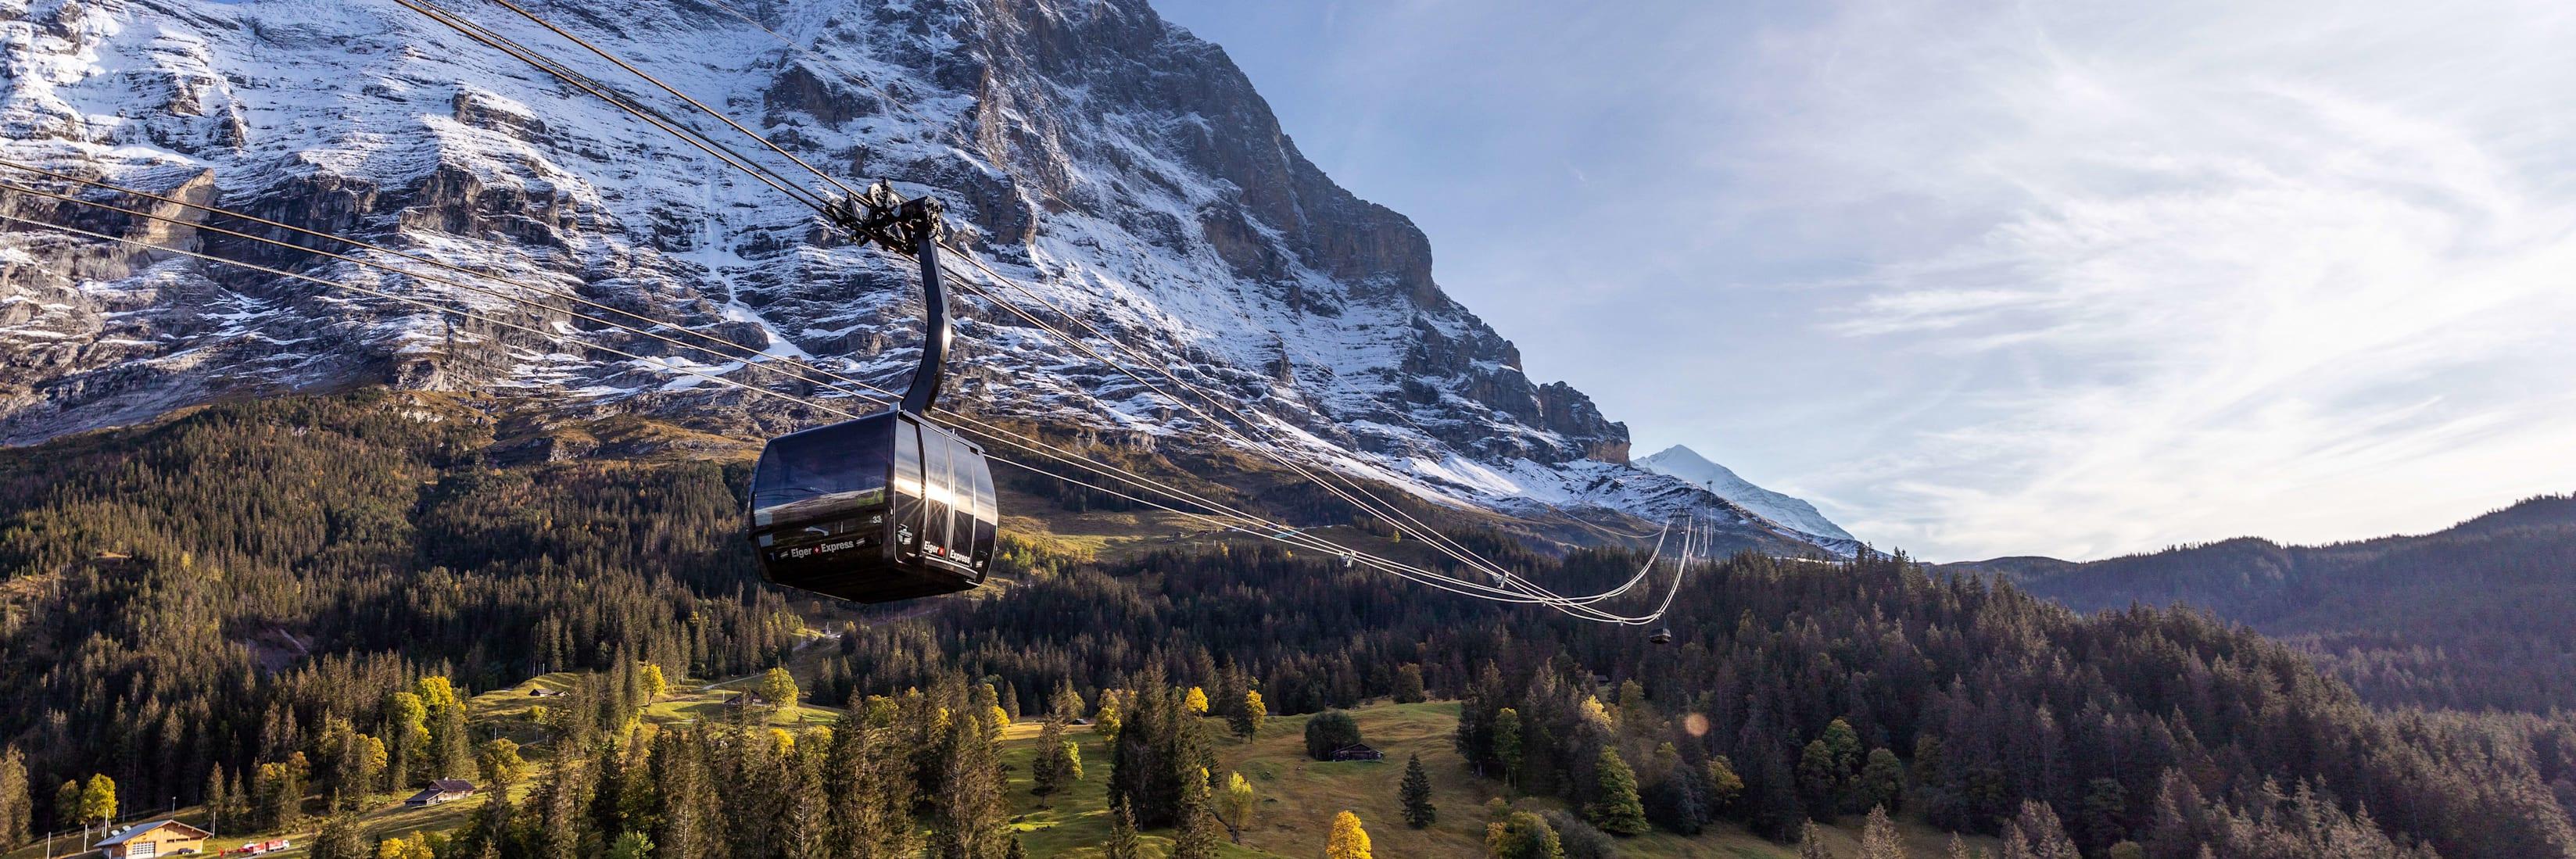 Eiger Express Grindelwald Eigernordwand Weitansicht Reflektion